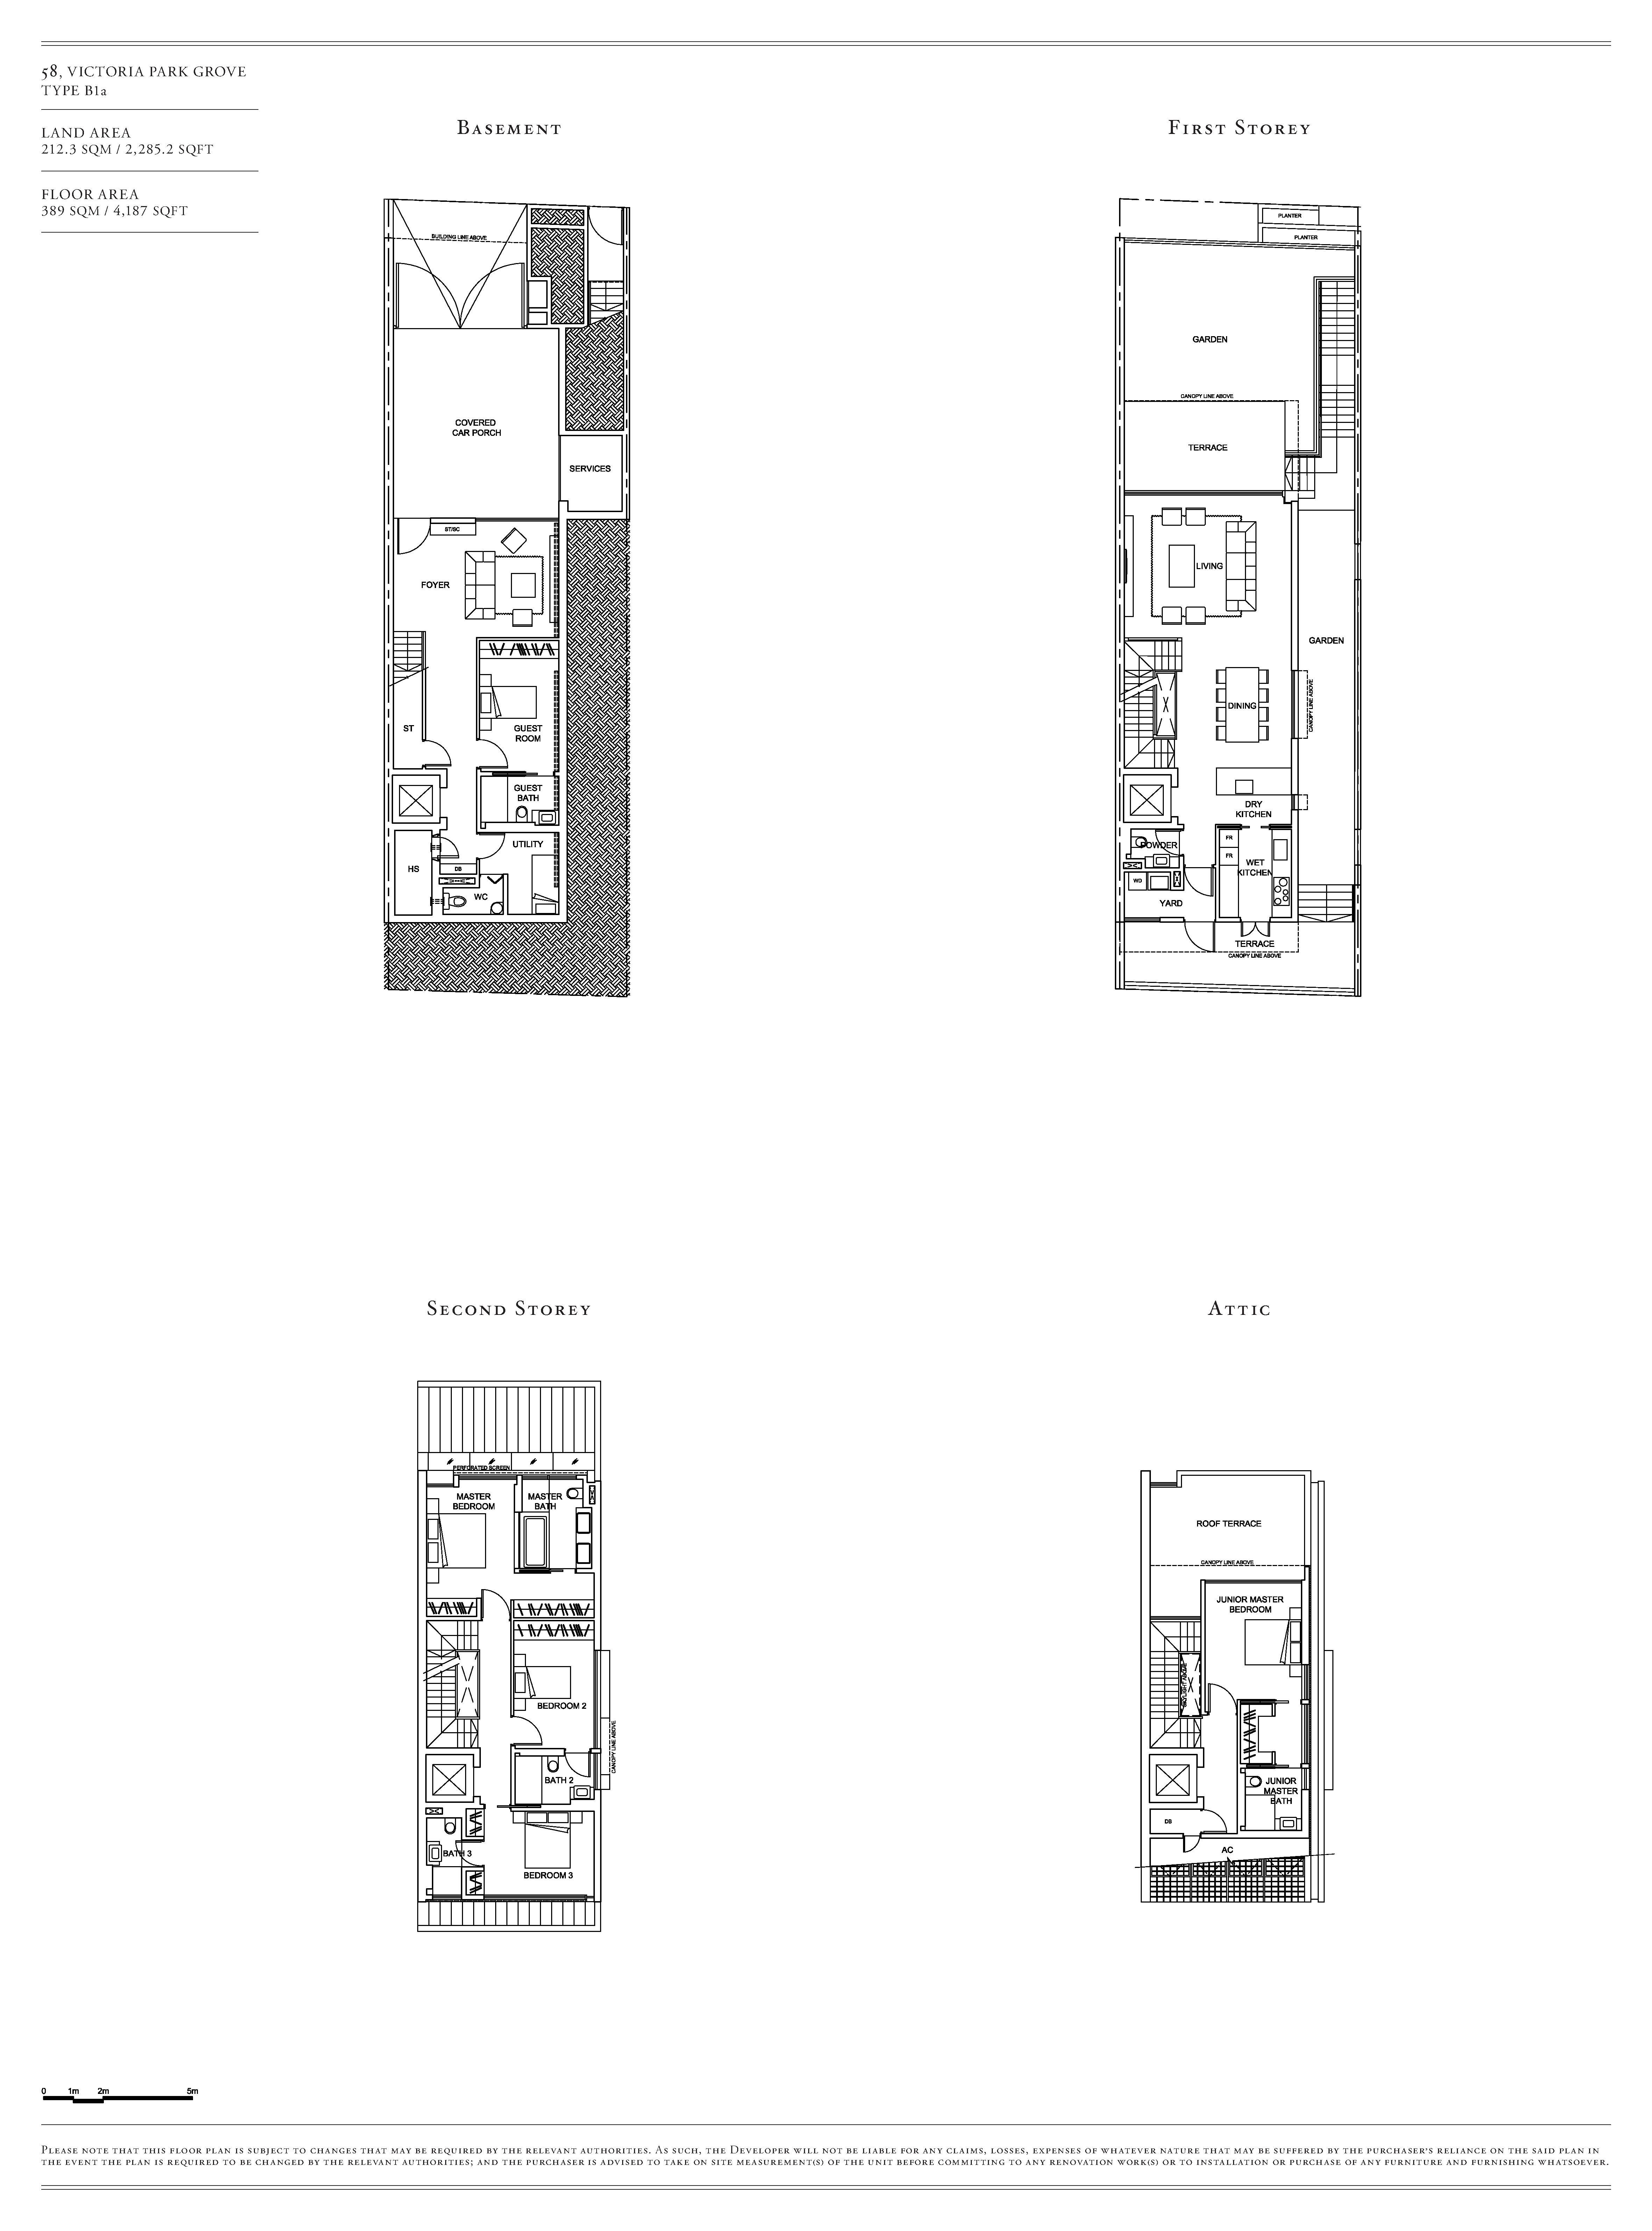 Victoria Park Villas House 58 Type B1a Floor Plans